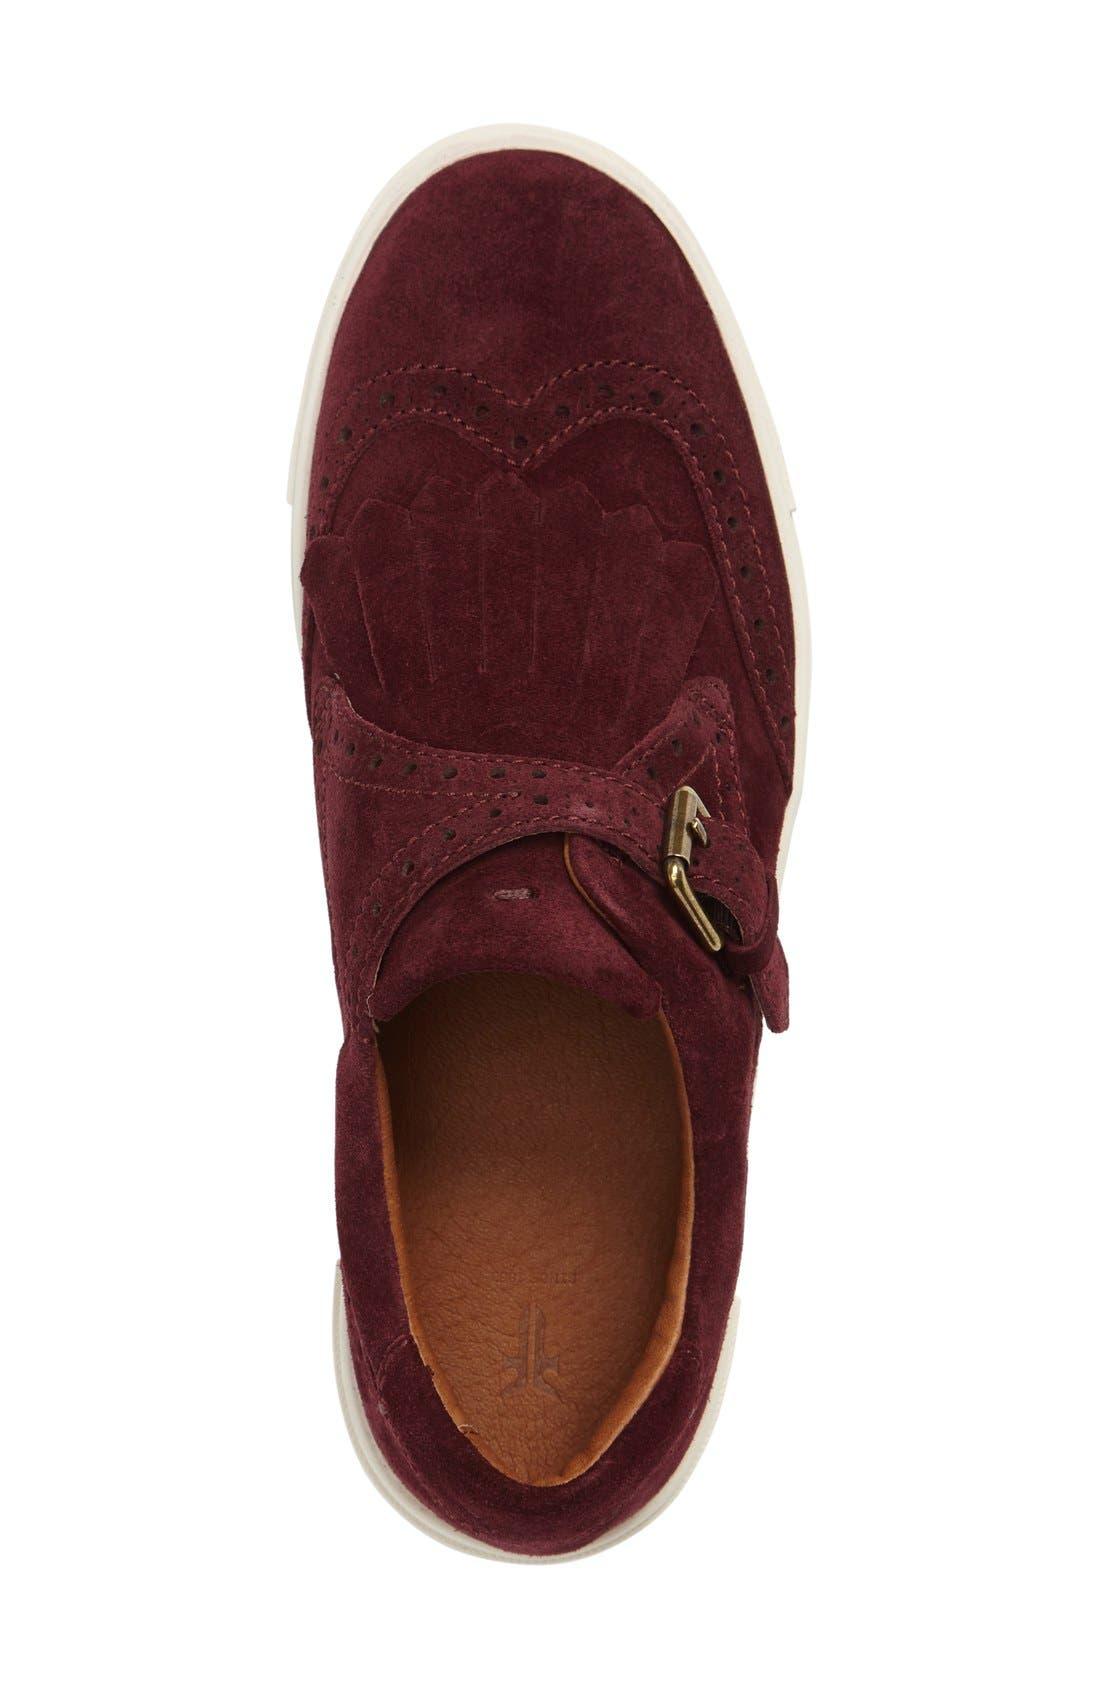 Alternate Image 3  - Frye 'Gemma' Kiltie Slip On-Sneaker (Women)